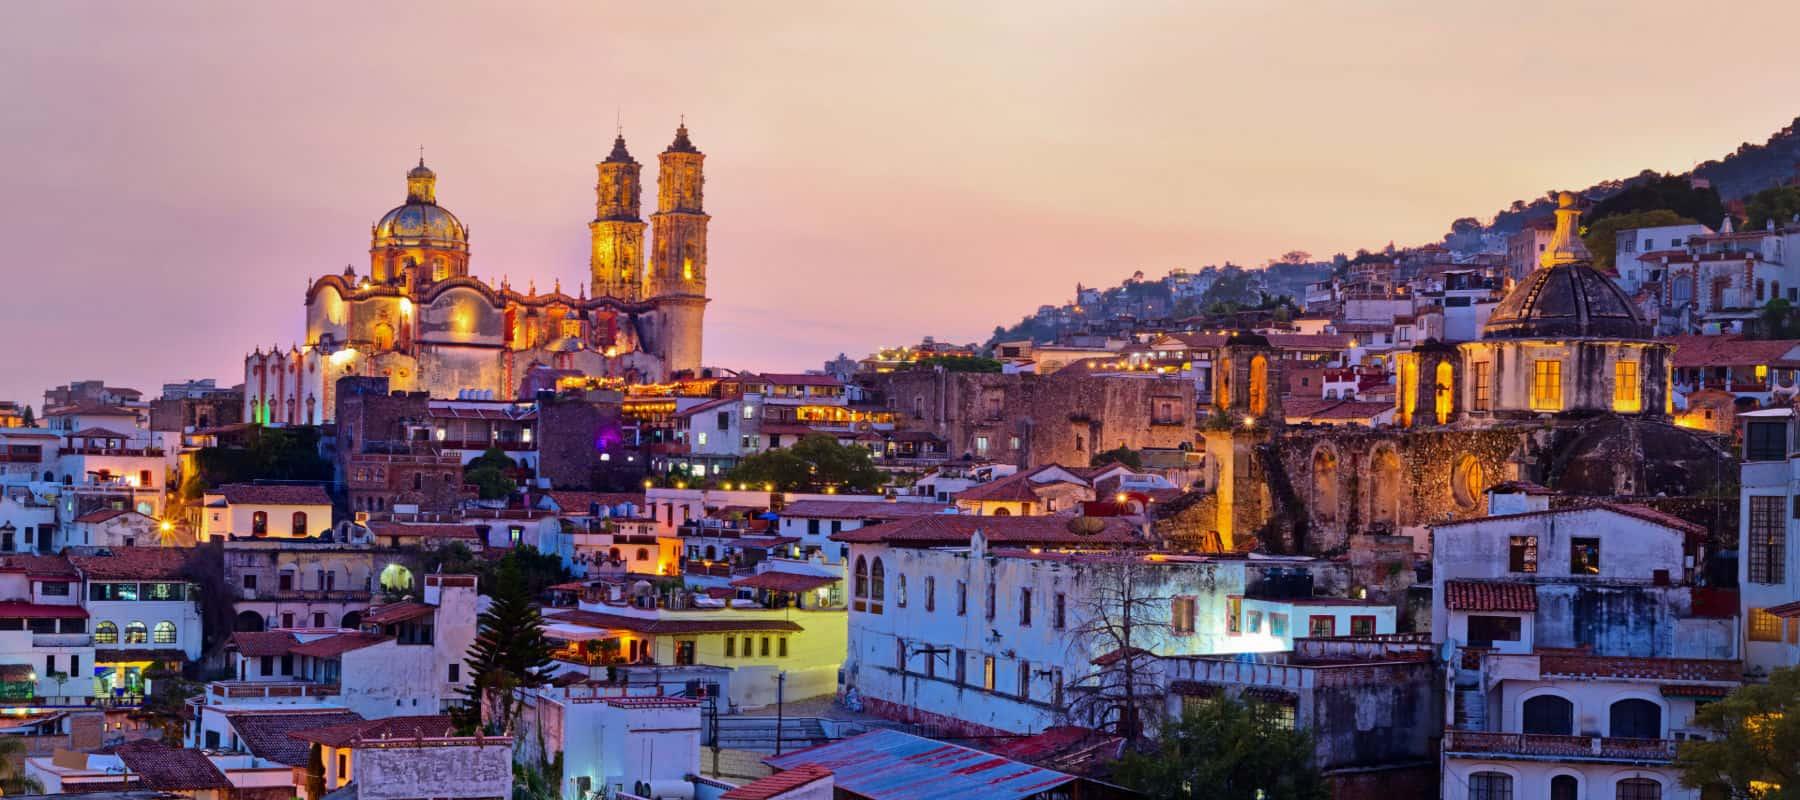 Pueblos Magicos Magic Towns